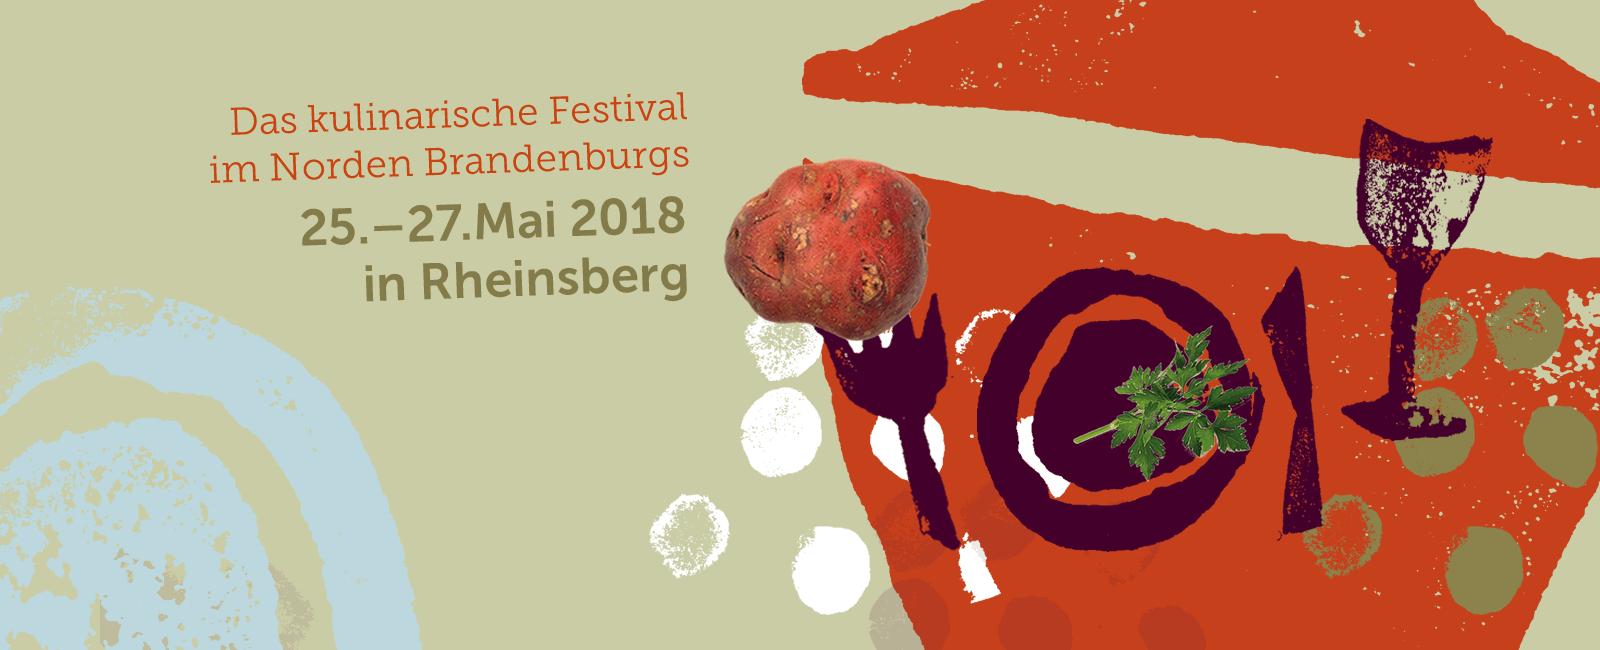 Banner-Solanum-Festival-2018_3